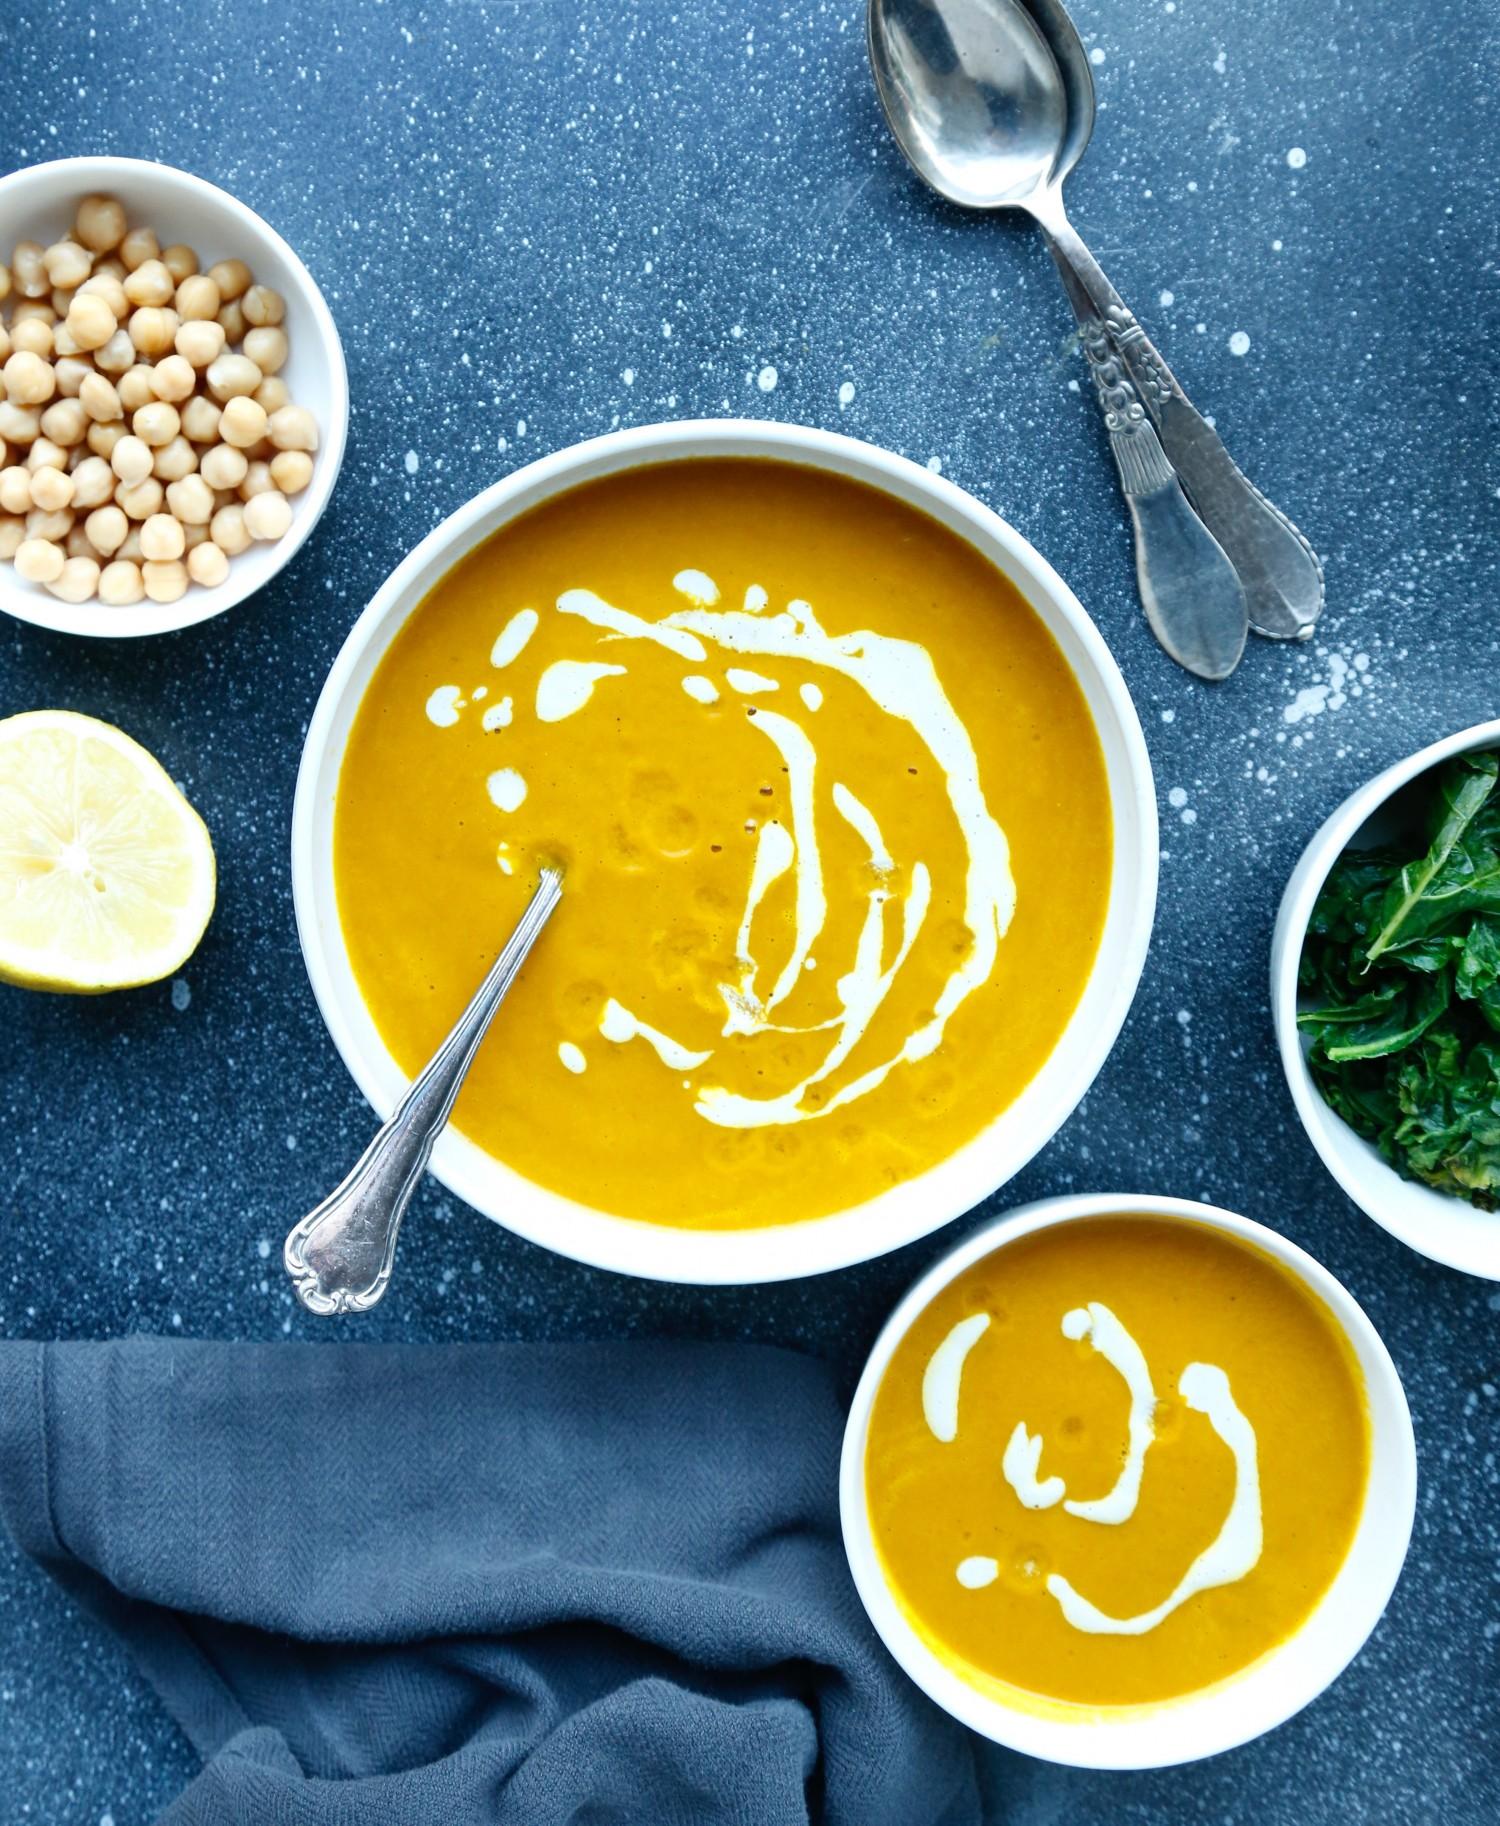 opskrift-antiinflammatorisk-suppe-til-smuk-hud-1-3